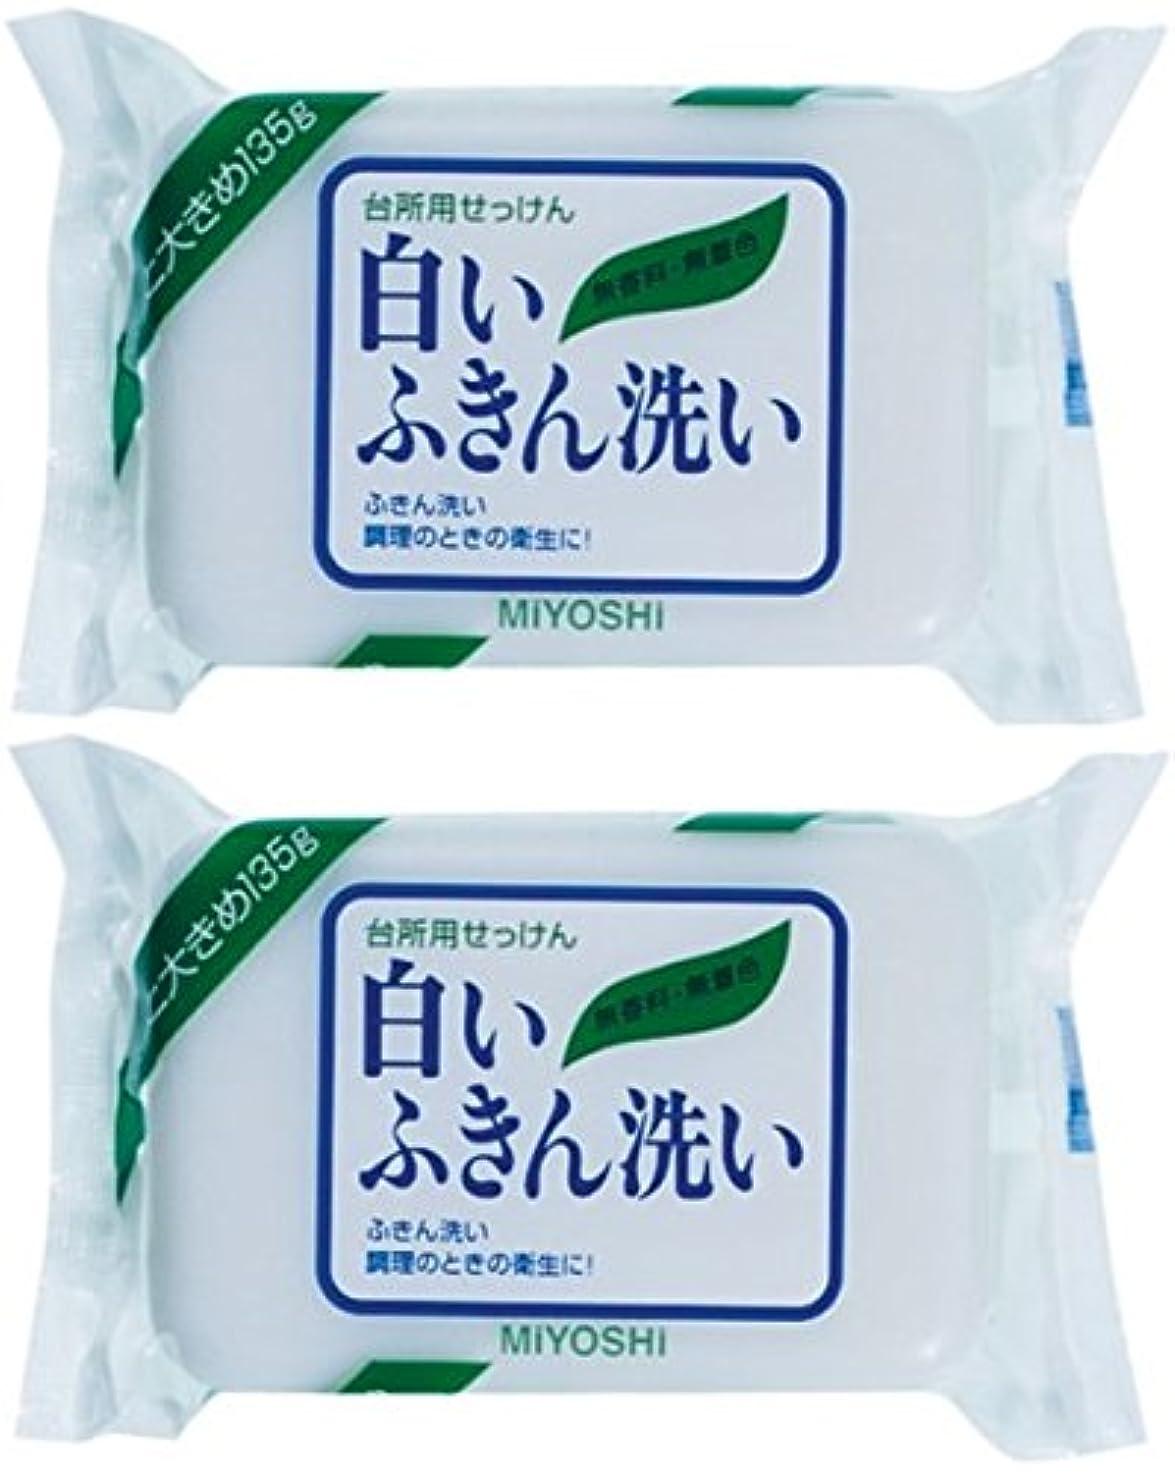 モスウール所有者【まとめ買い】ミヨシ 白いふきん洗い せっけん 135g ×2セット